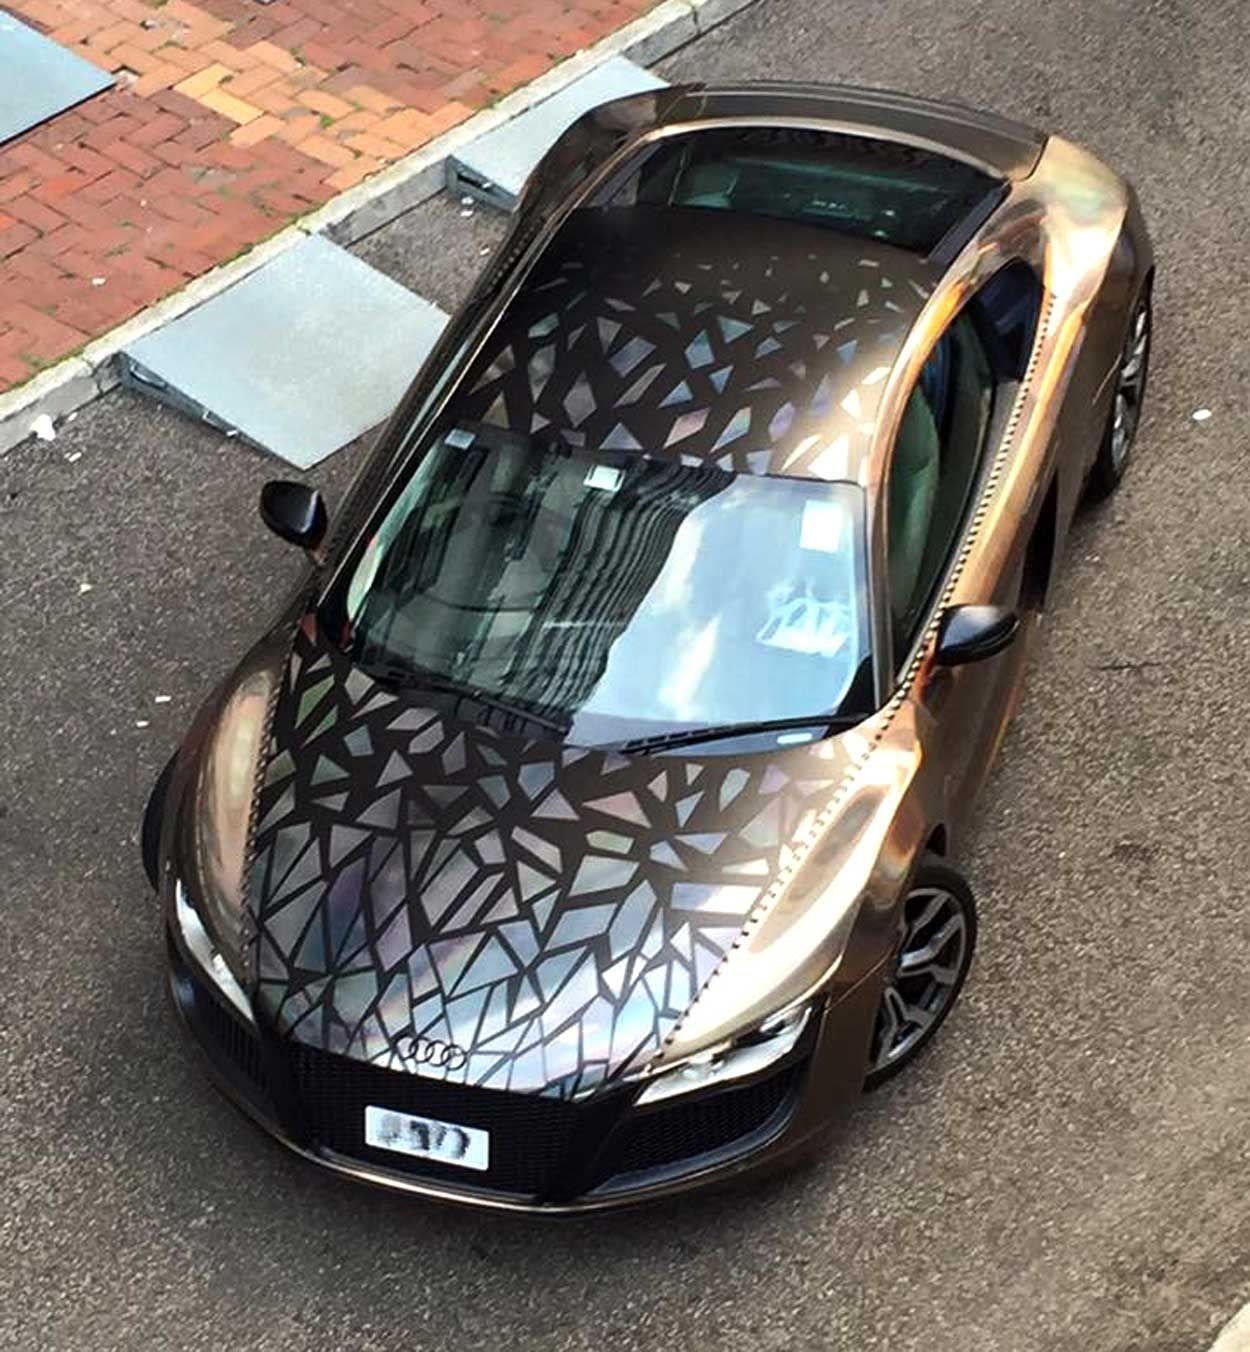 Holographic Audi R8 By Impressive Wrap Vinyl Wrap Car